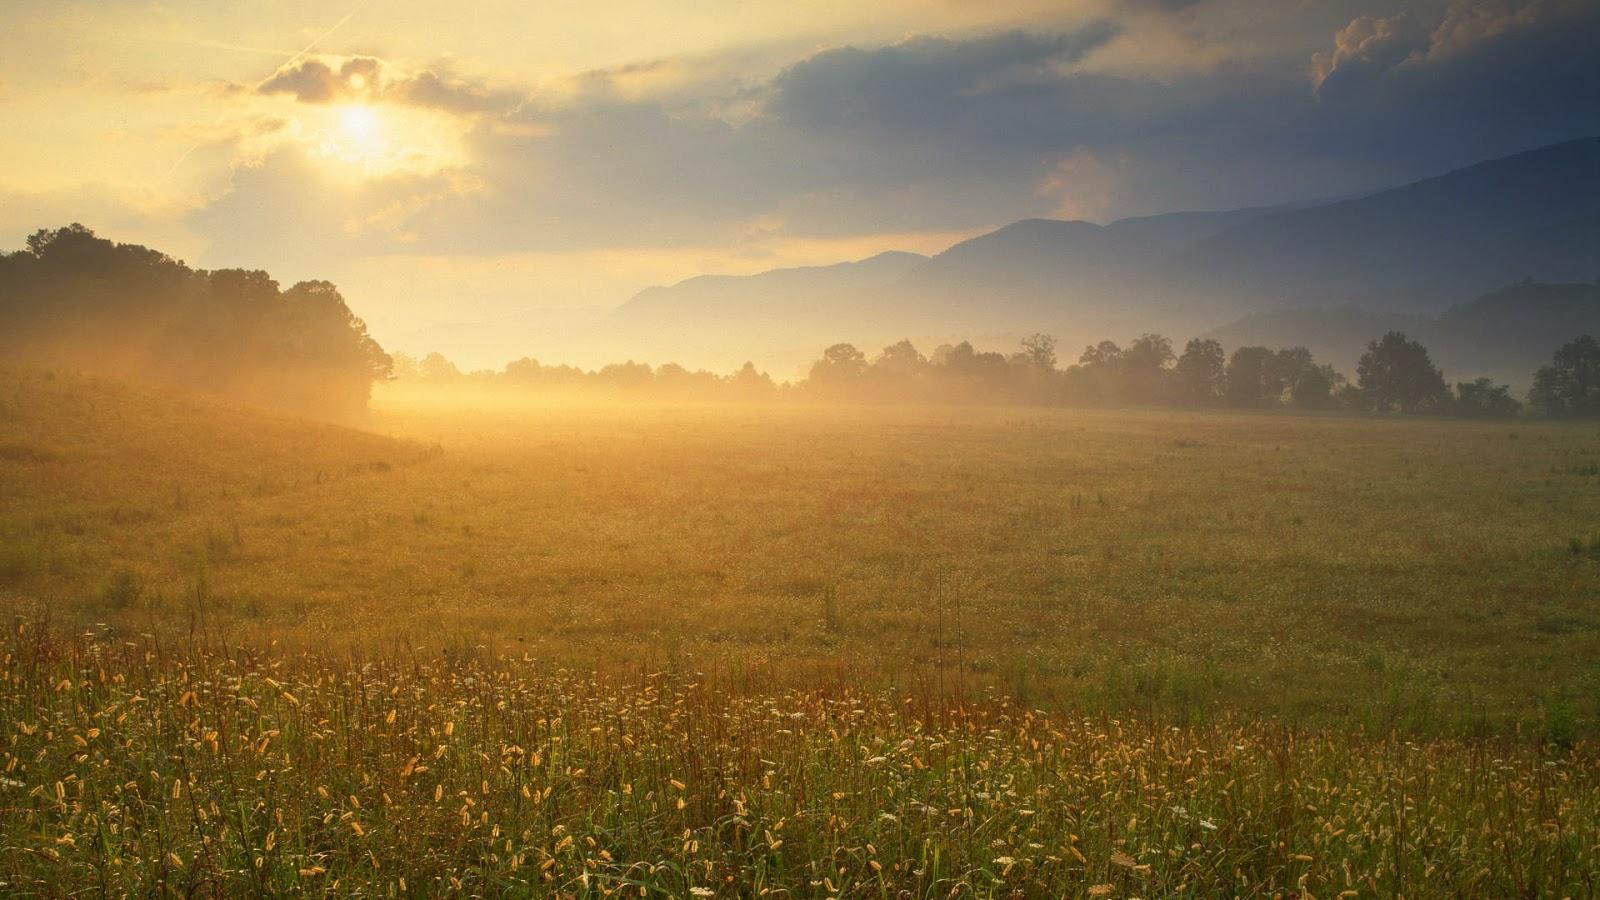 Natuur wallpaper met veld in de ochtend